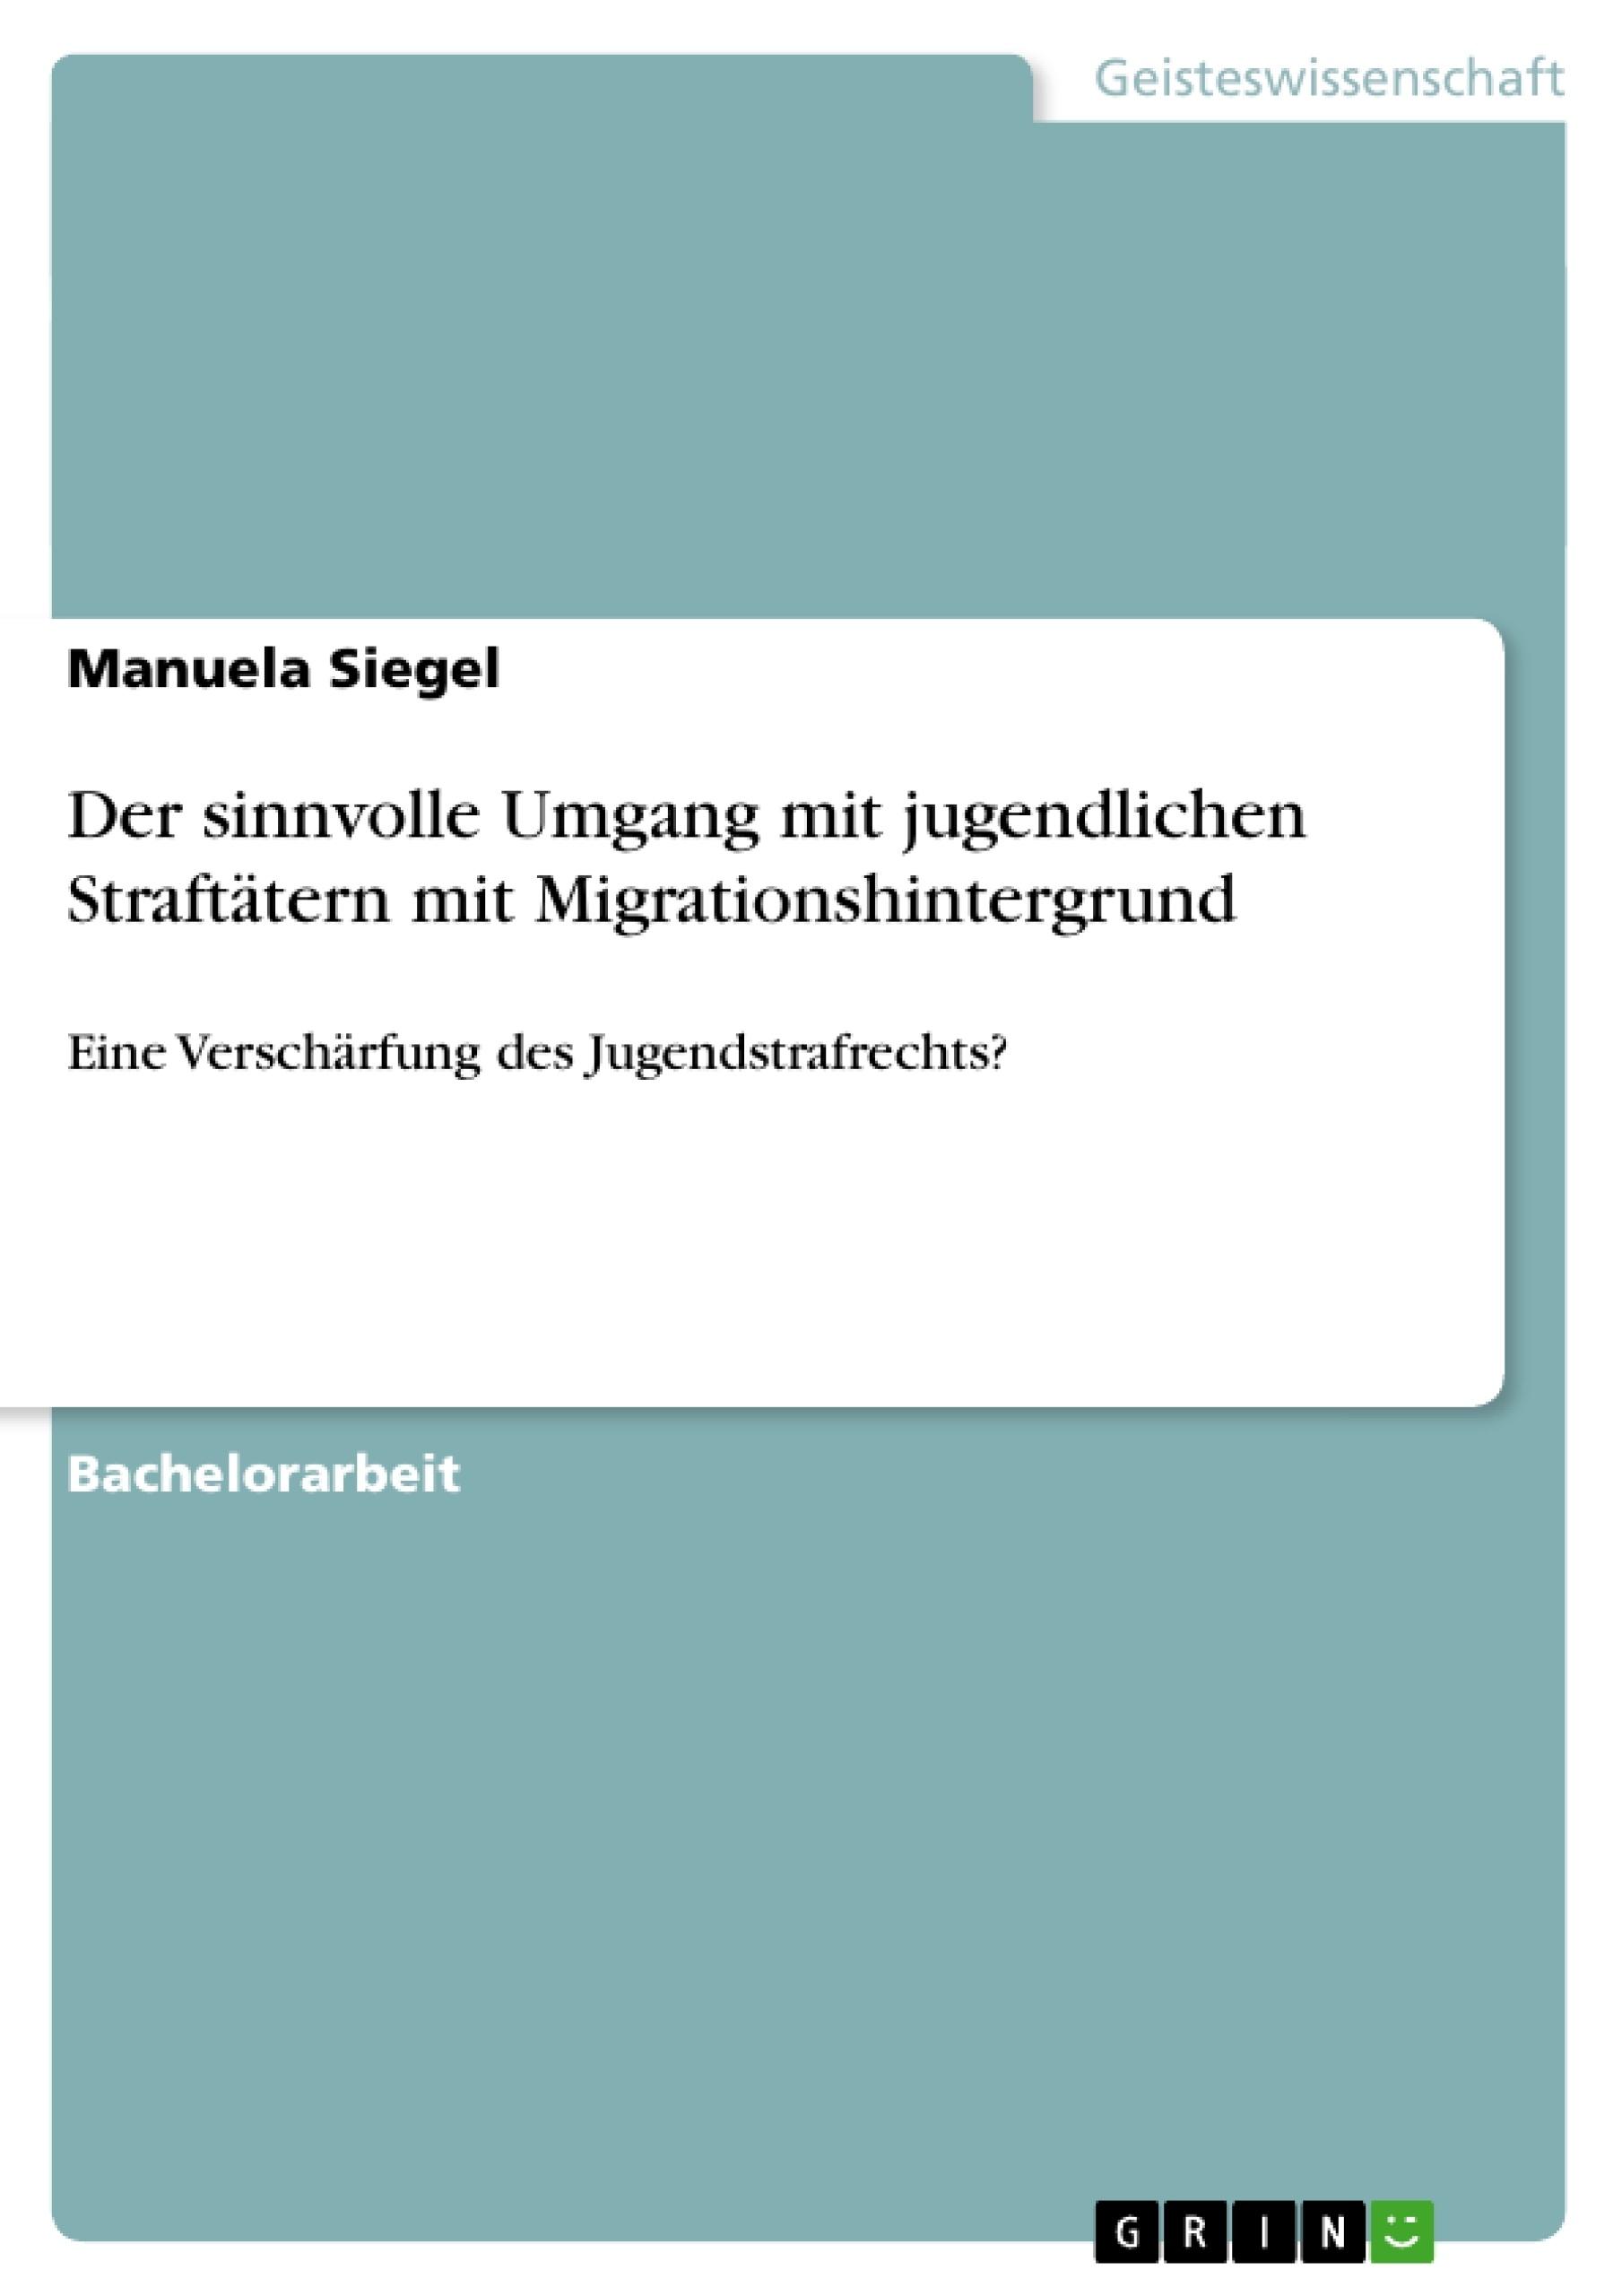 Titel: Der sinnvolle Umgang mit jugendlichen Straftätern mit Migrationshintergrund